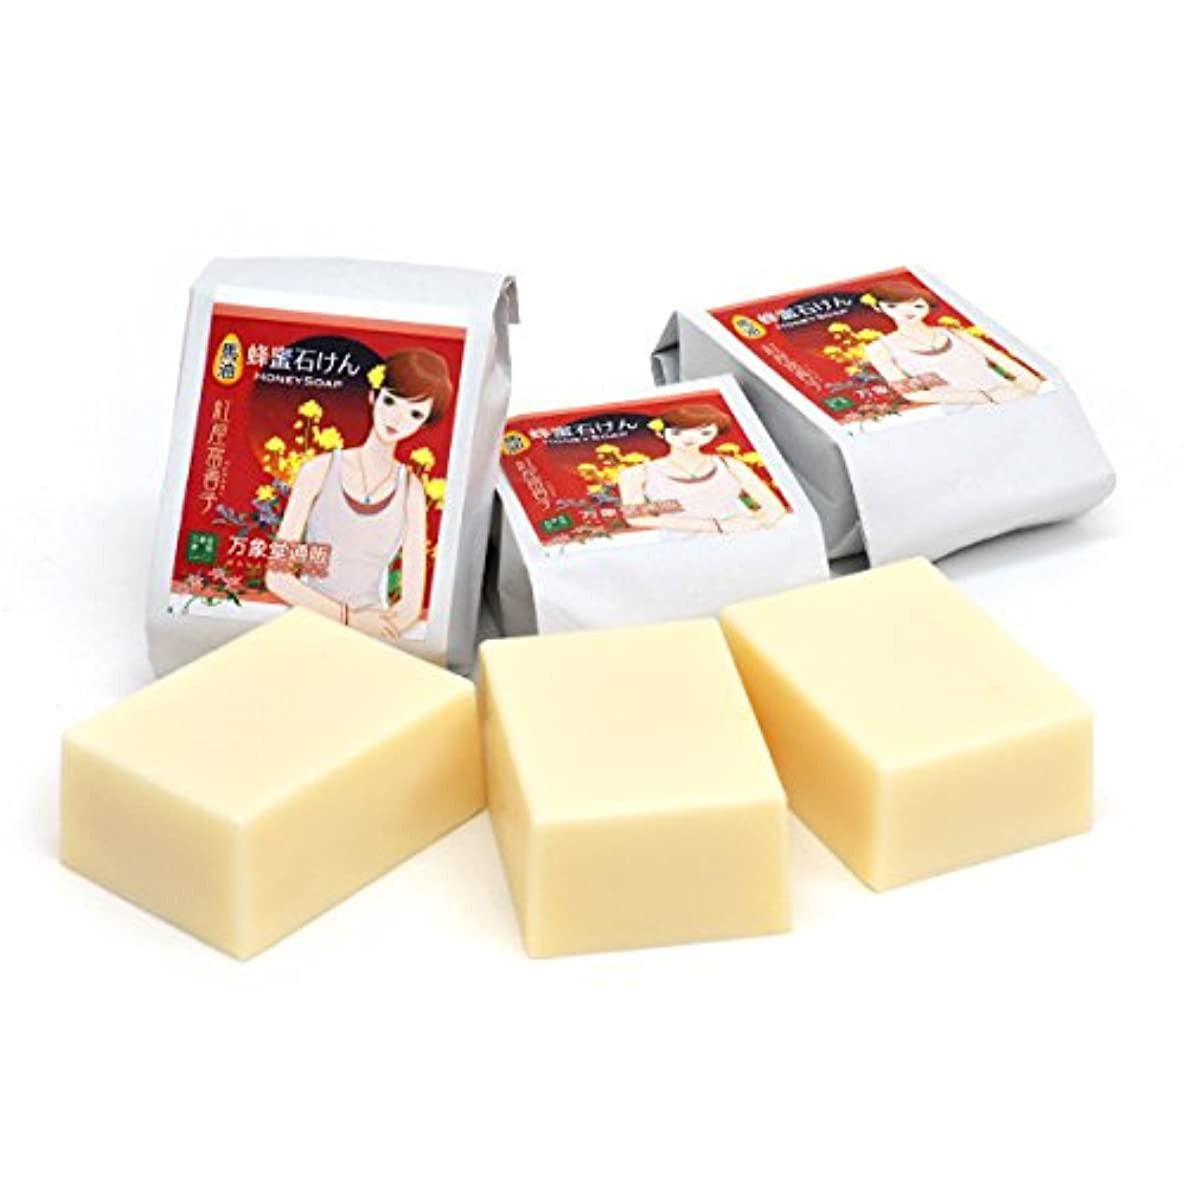 パット包帯影森羅万象堂 馬油石鹸 90g×3個 (国産)熊本県産 国産蜂蜜配合